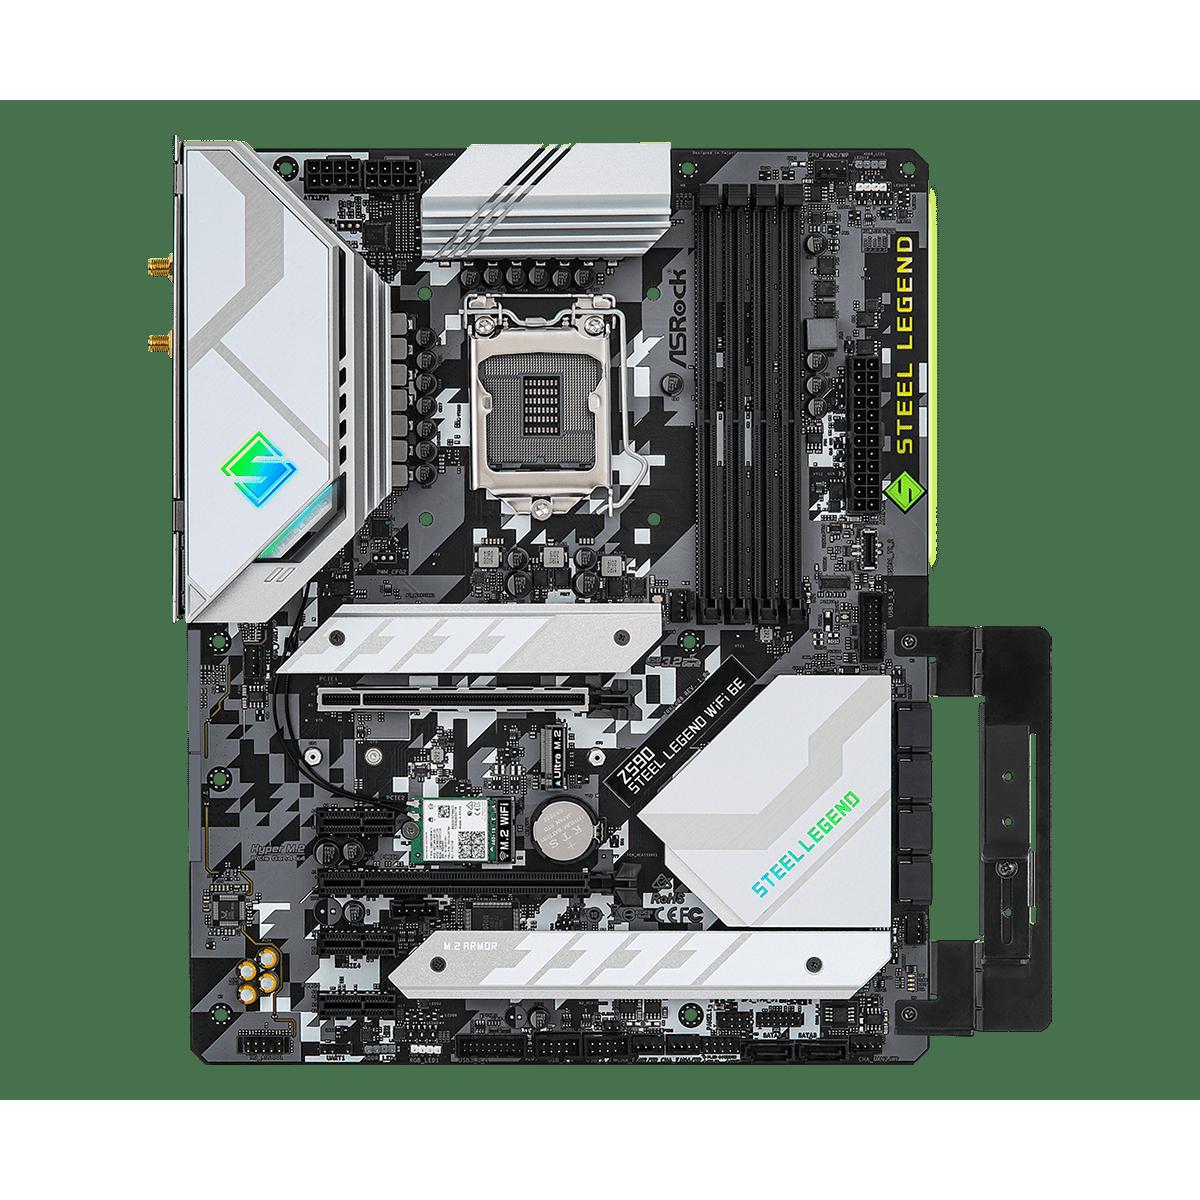 Placa Mãe ASRock Z590 Steel Legend WiFi 6E, Chipset Intel Z590, Socket 1200, ATX, DDR4